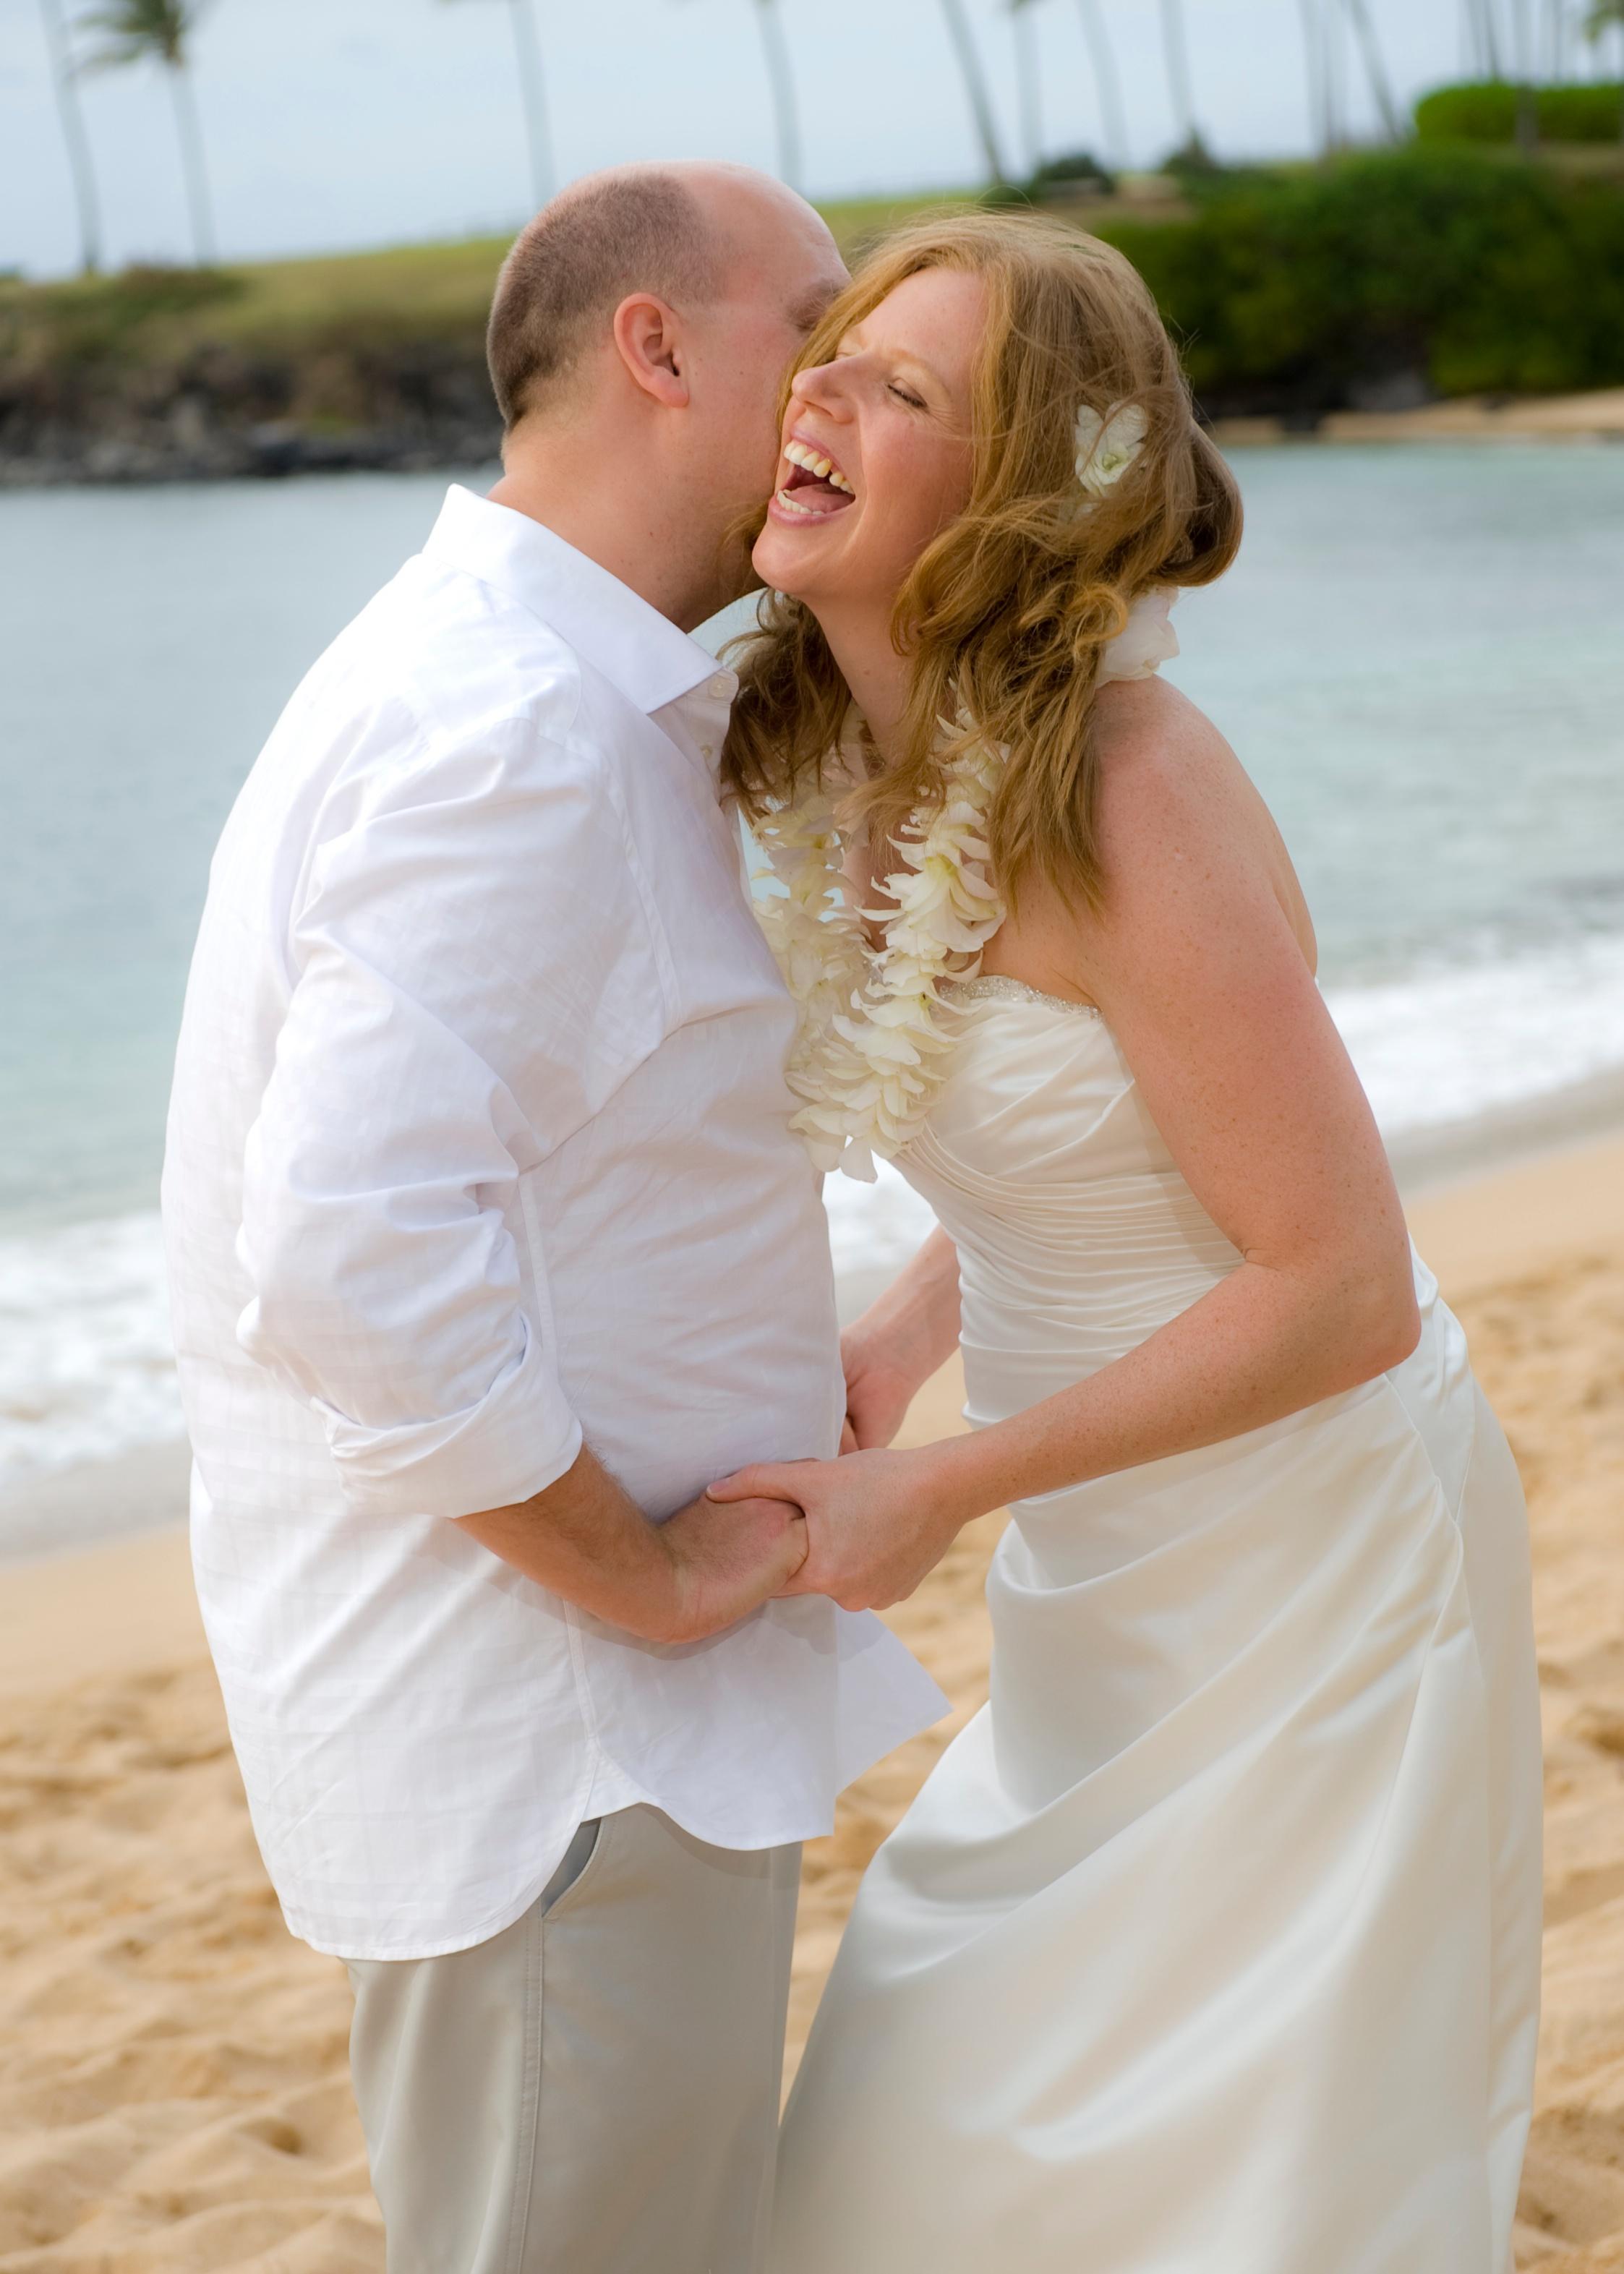 Wedding++31692-1852466521-O.jpg